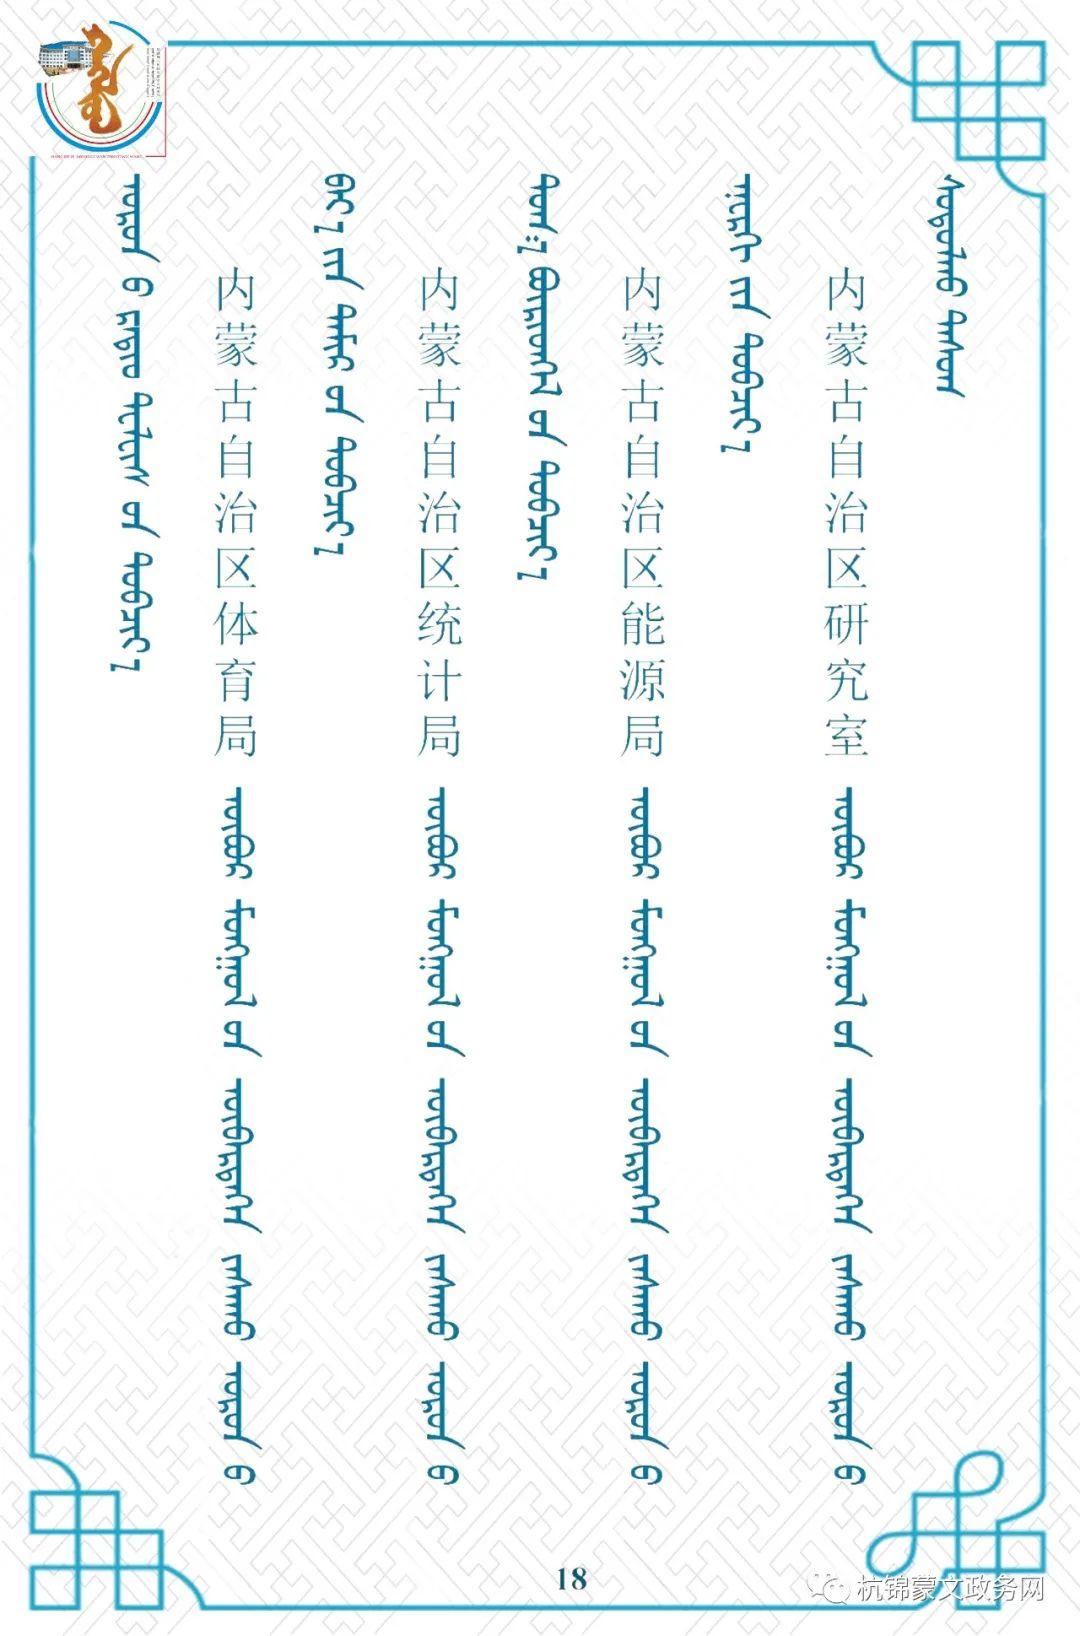 内蒙古自治区委员会机构设置蒙汉对照 第18张 内蒙古自治区委员会机构设置蒙汉对照 蒙古文库